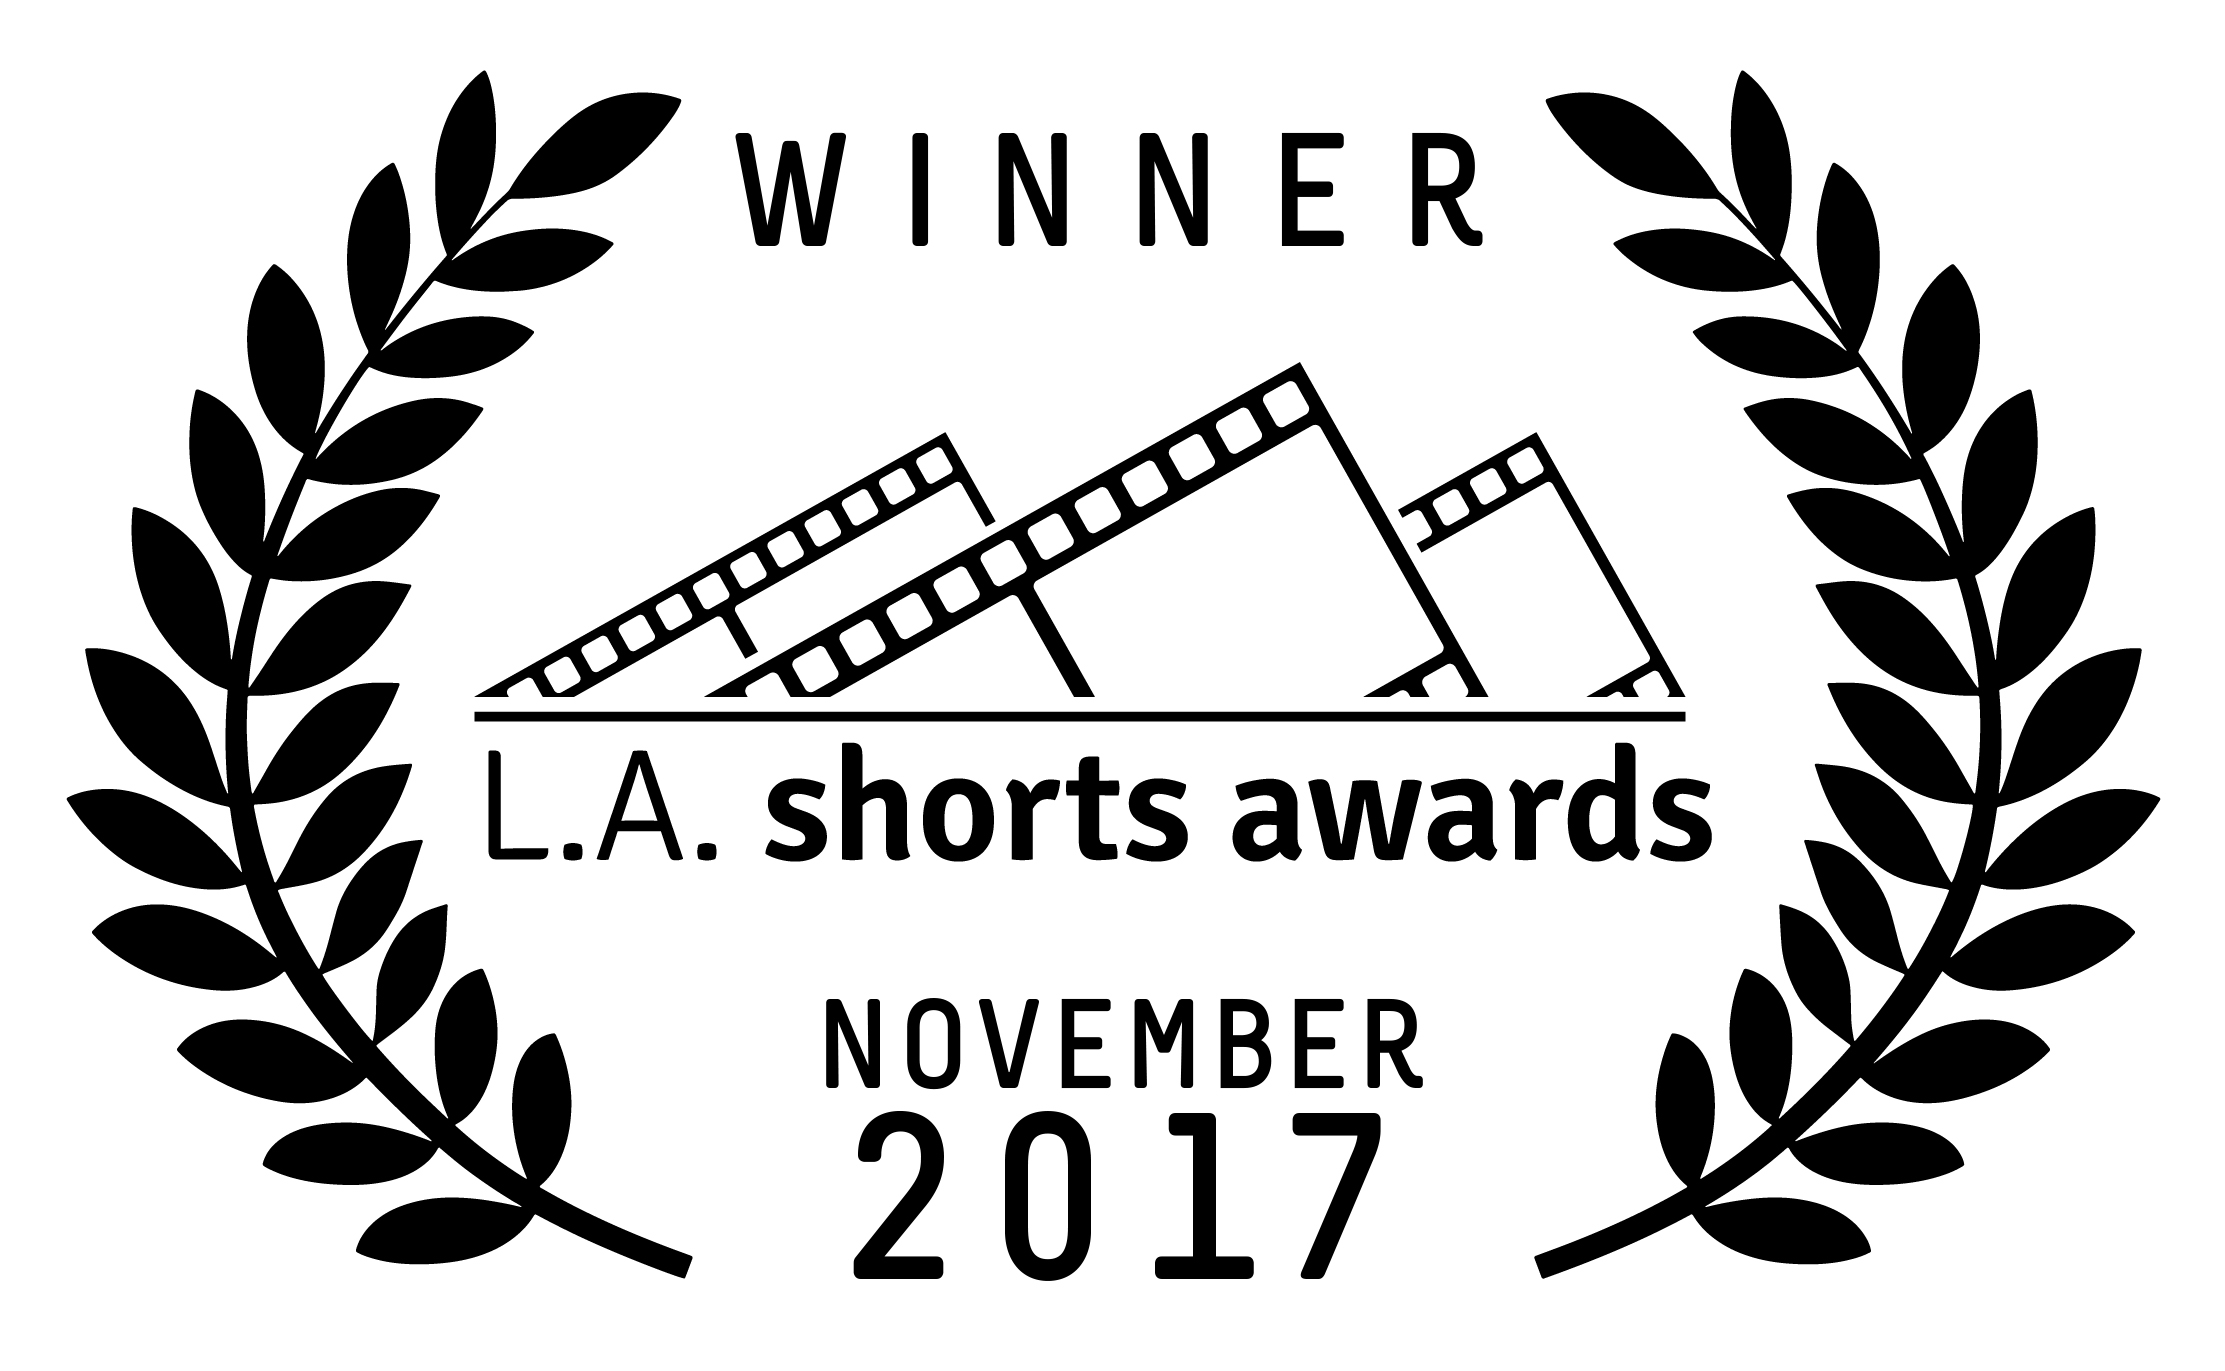 LASA_Laurel_November_2017 Win.jpg